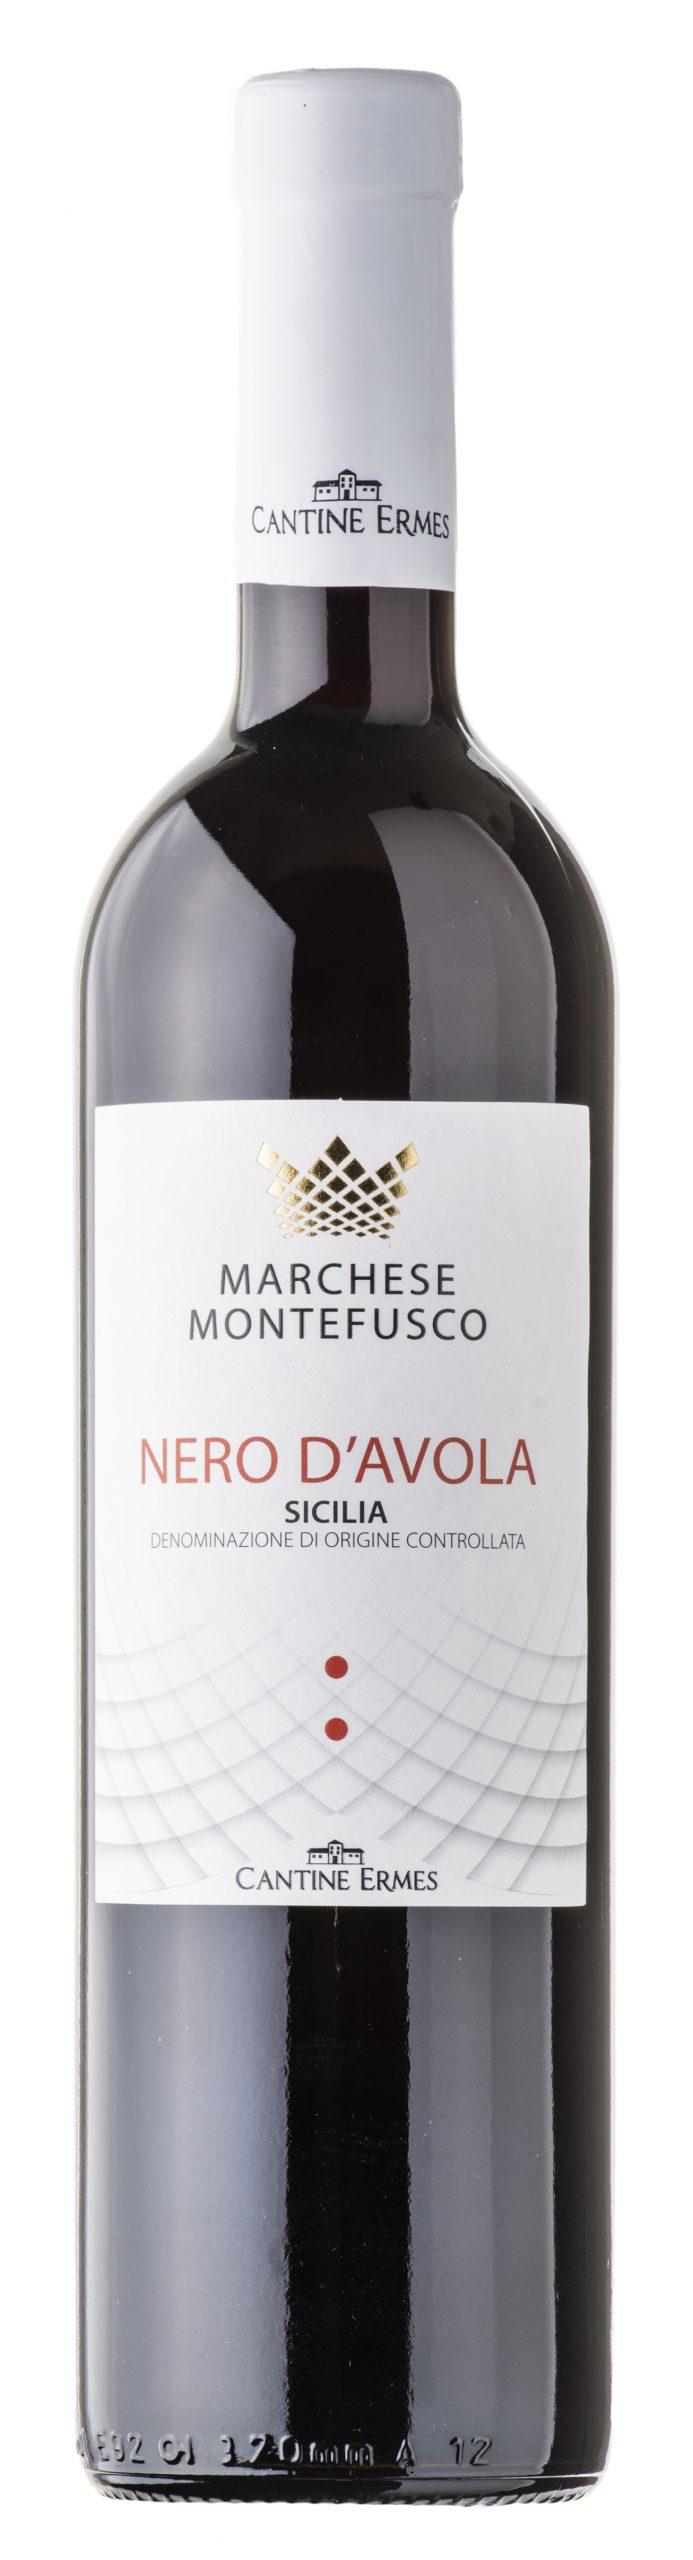 NERO D'AVOLA MARCHESE MONTEFUSCO